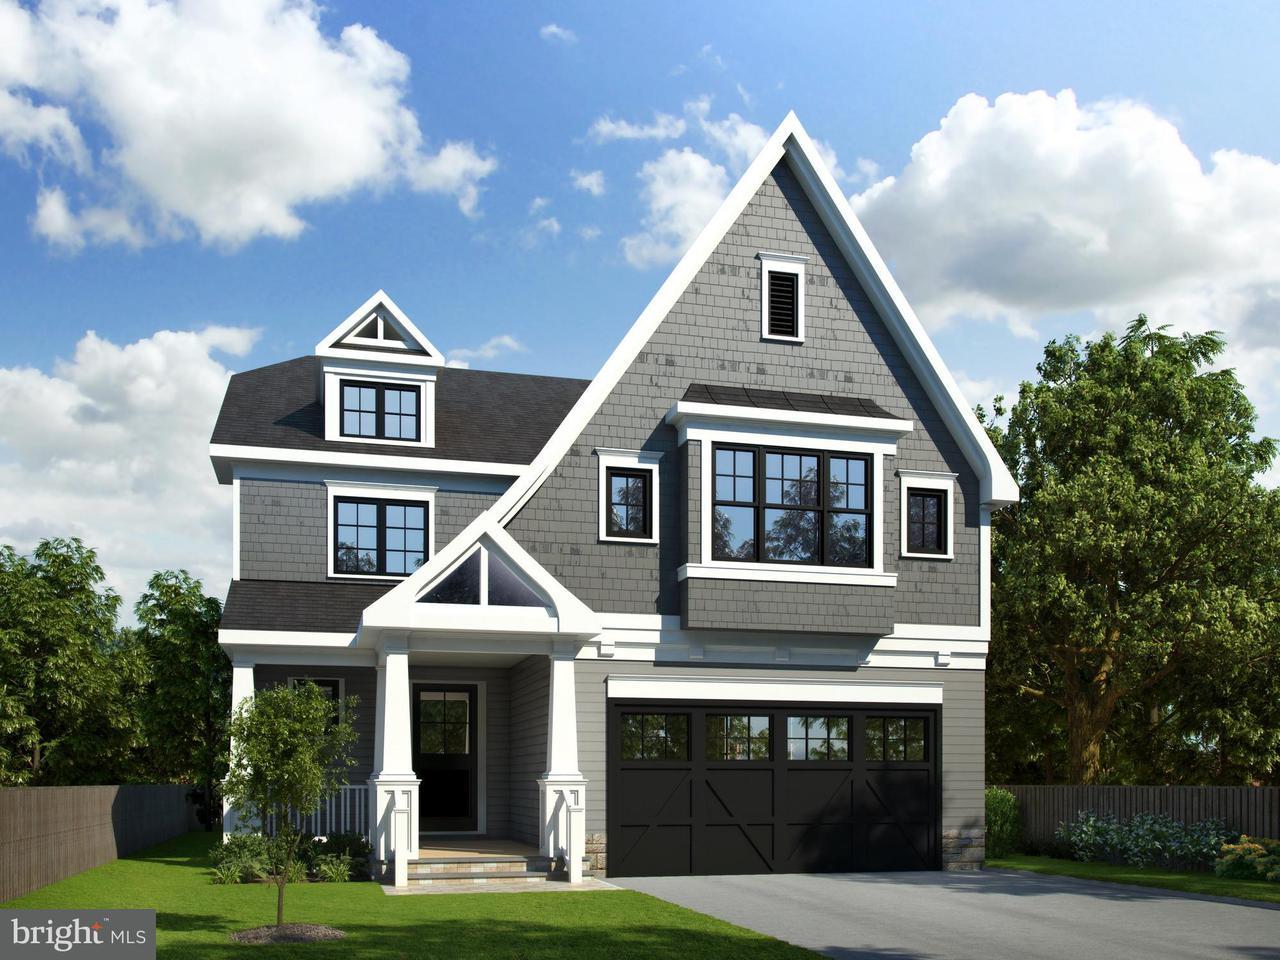 独户住宅 为 销售 在 736 Thayer Avenue 736 Thayer Avenue 银泉, 马里兰州 20910 美国